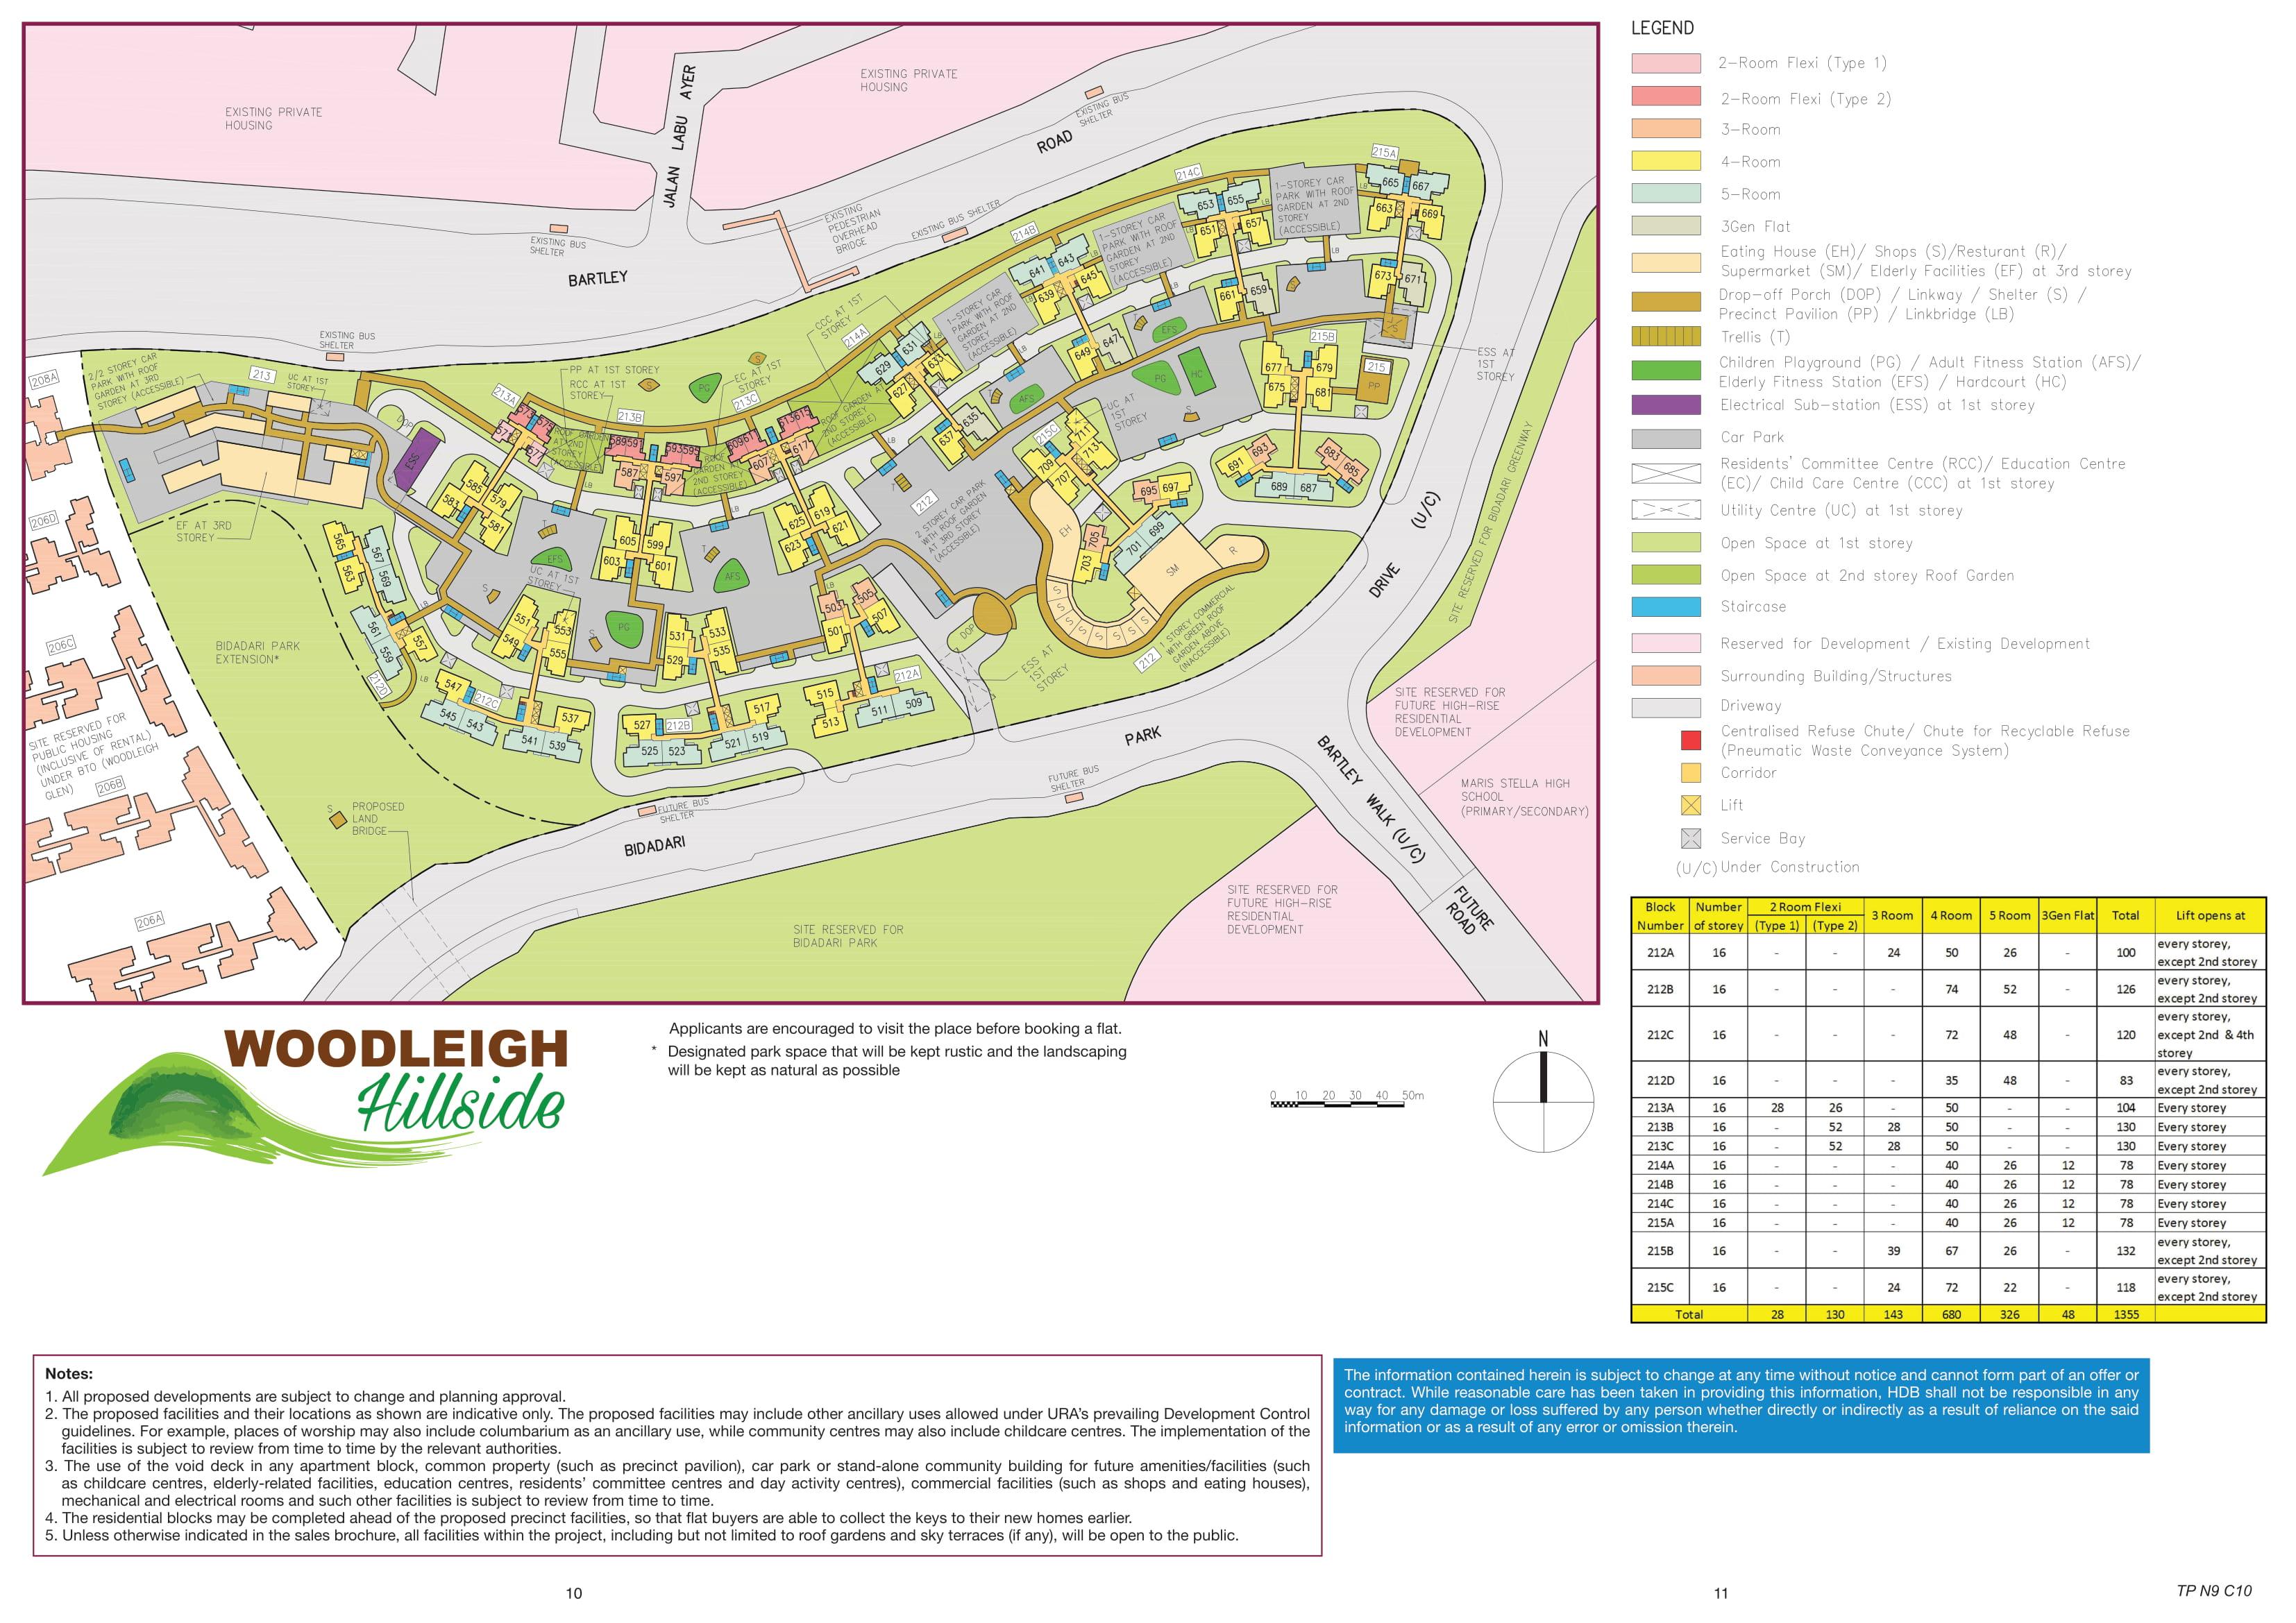 Woodleigh Hillside Site Plan